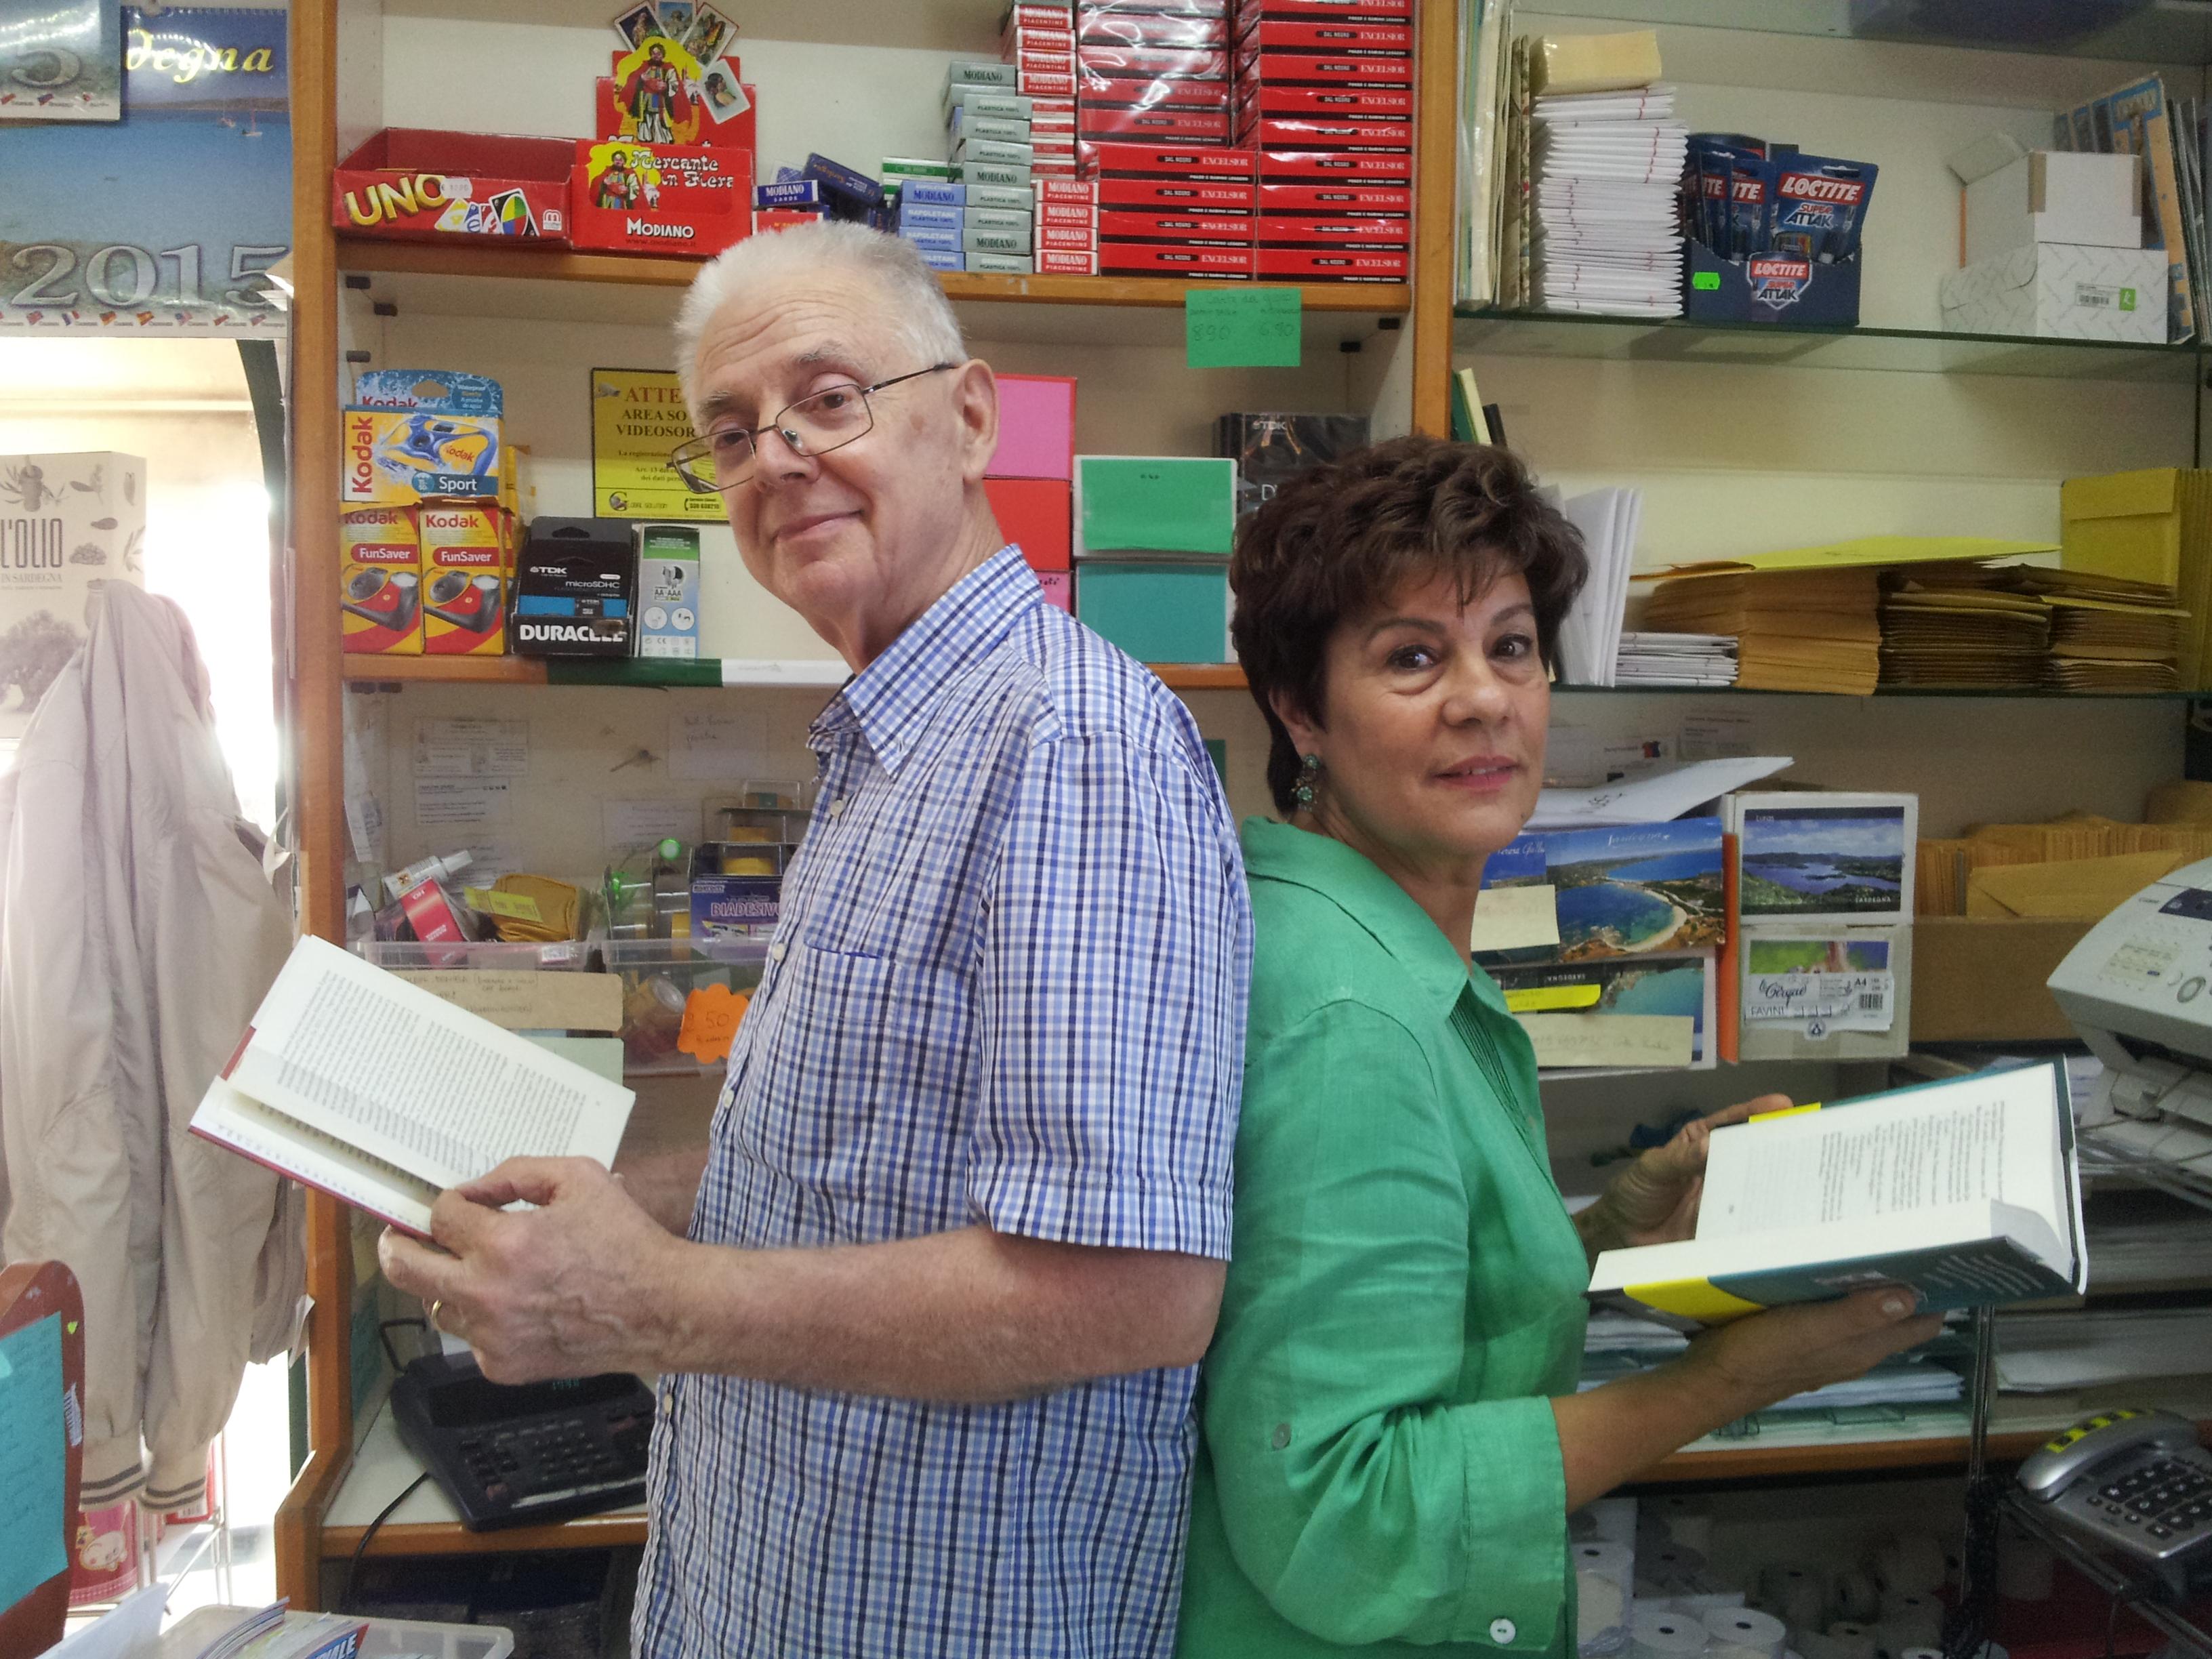 Libreria Roggero bottega storica: 50 anni di tradizione e innovazione friendly